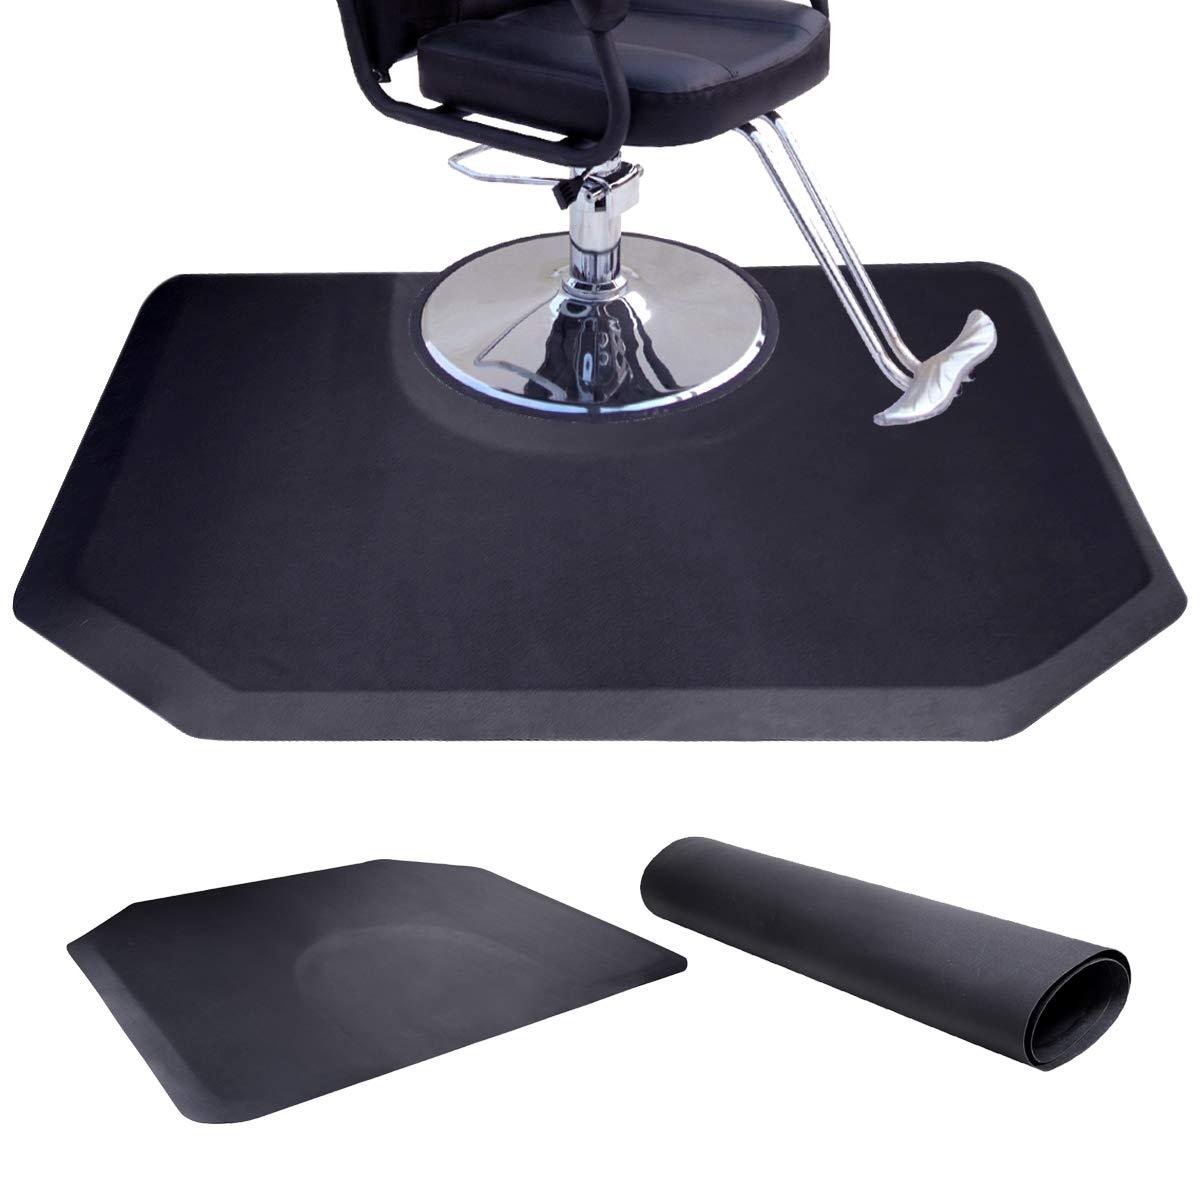 Tobbi Salon Barber Chair Mat 4 ft. x 5 ft. -1/2''Thick Anti Fatigue Beauty Floor Mat Black